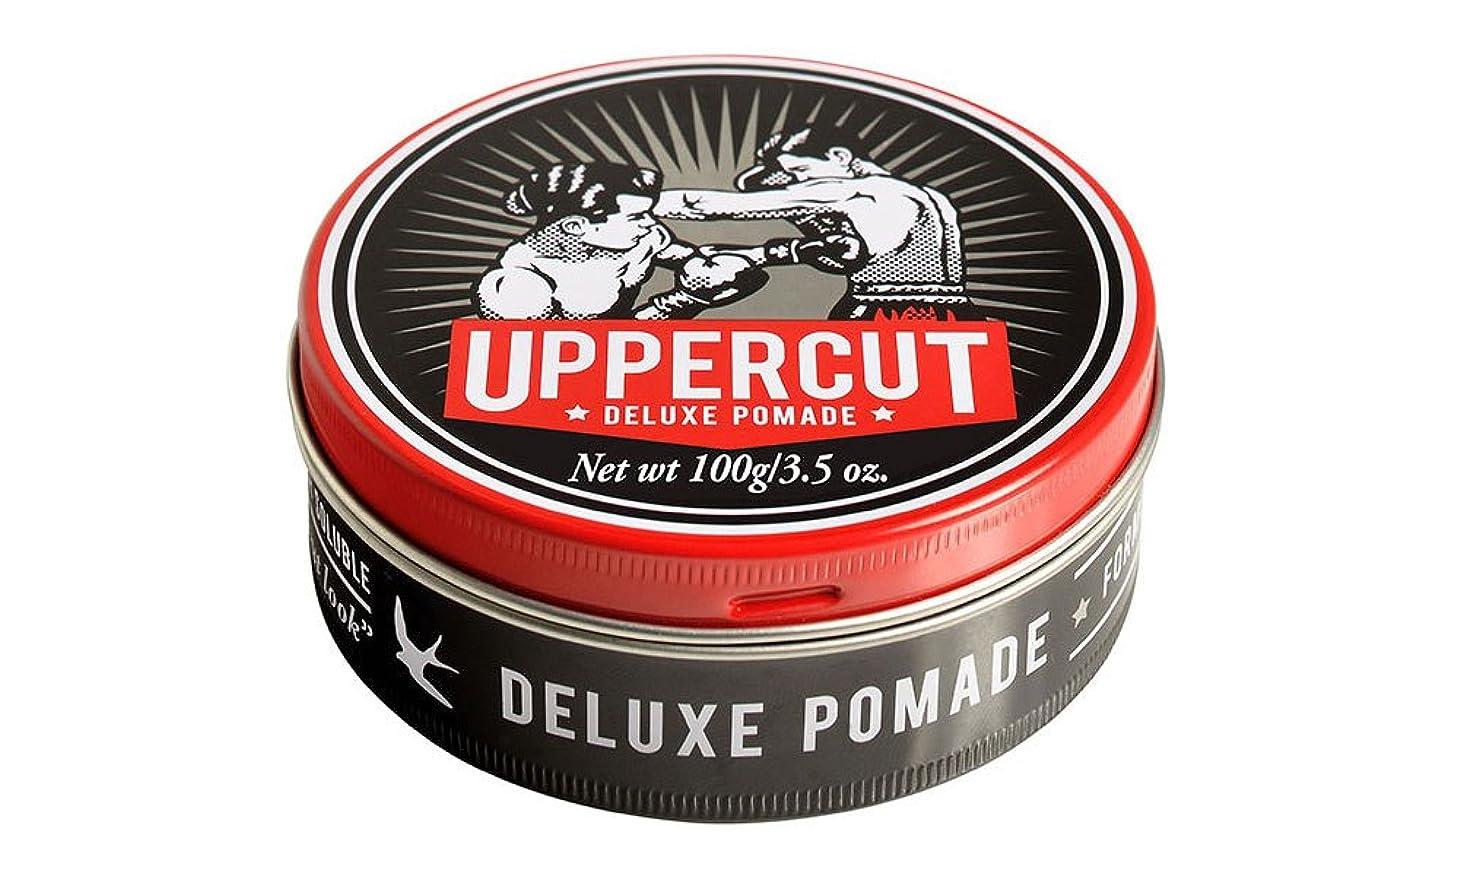 野菜歌詞哀れなUPPERCUT DELUXE(アッパーカットデラックス) DELUXE POMADE 水性ポマード グリース 男性用 ツヤあり 香りココナッツ 100g